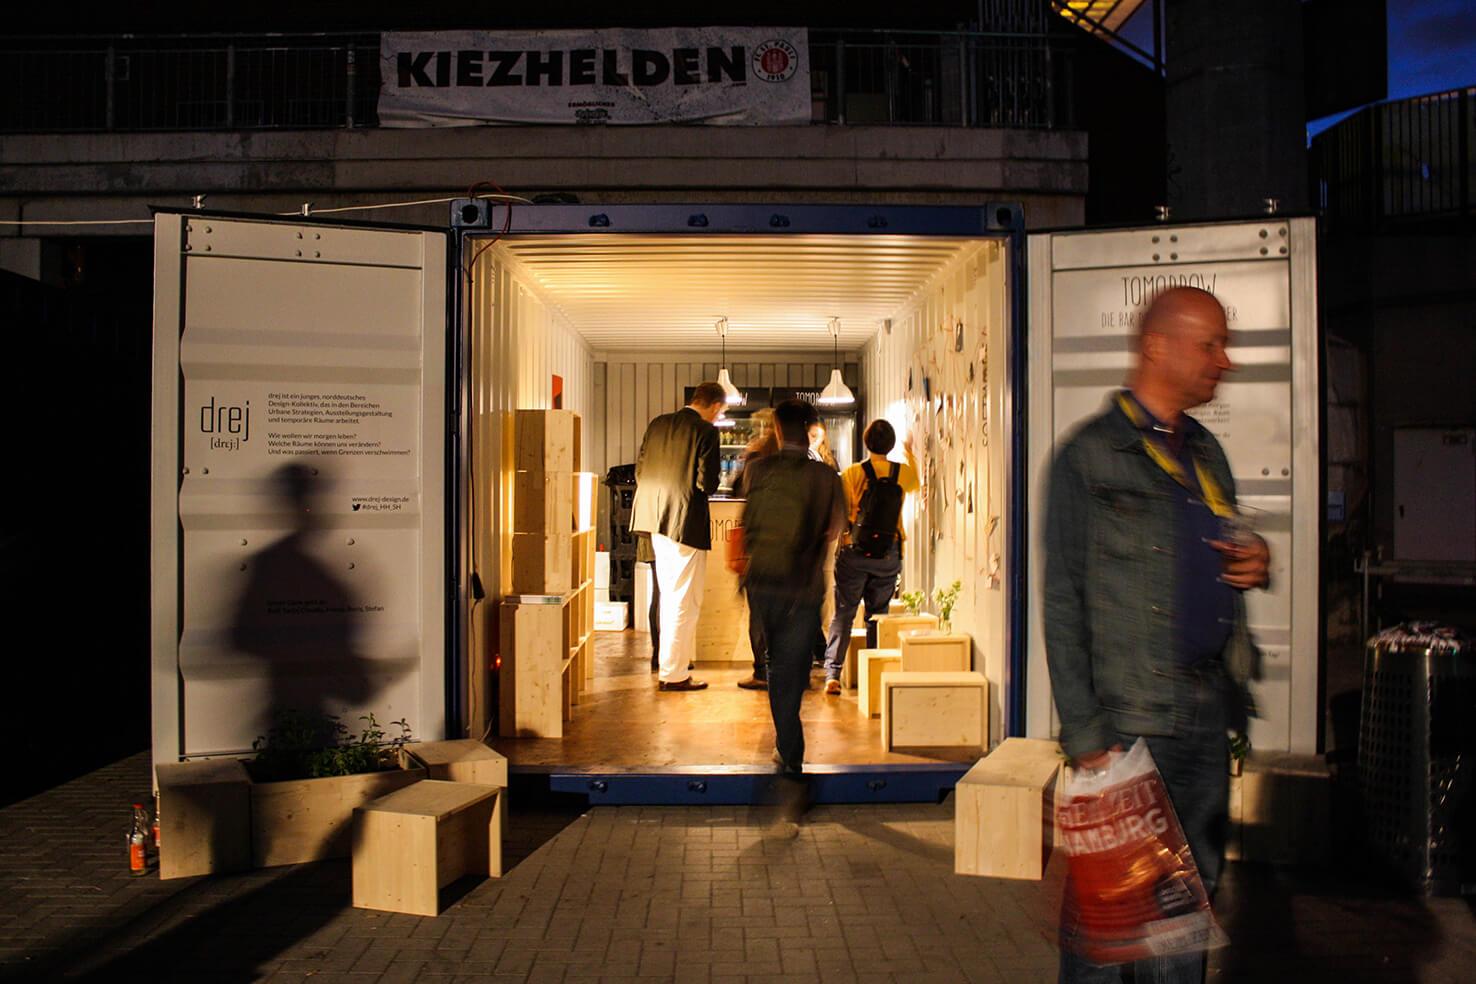 Bar Schiffsontainer Reeperbahnfestival Kiezhelden St. Pauli